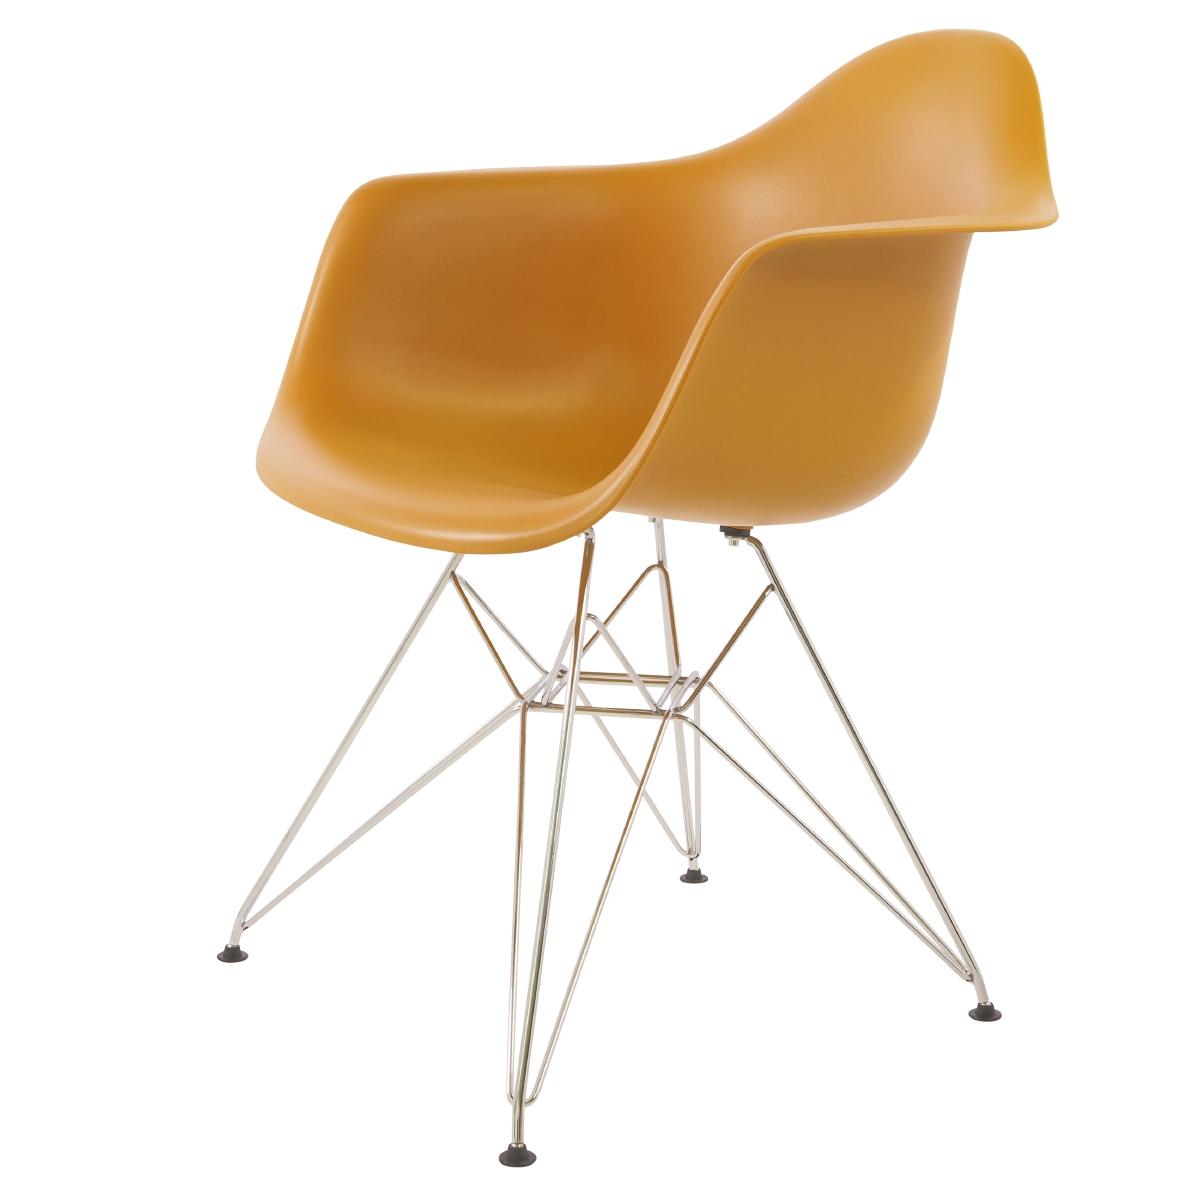 jadalnia krzesło DD DAR jedzenie PP imbir